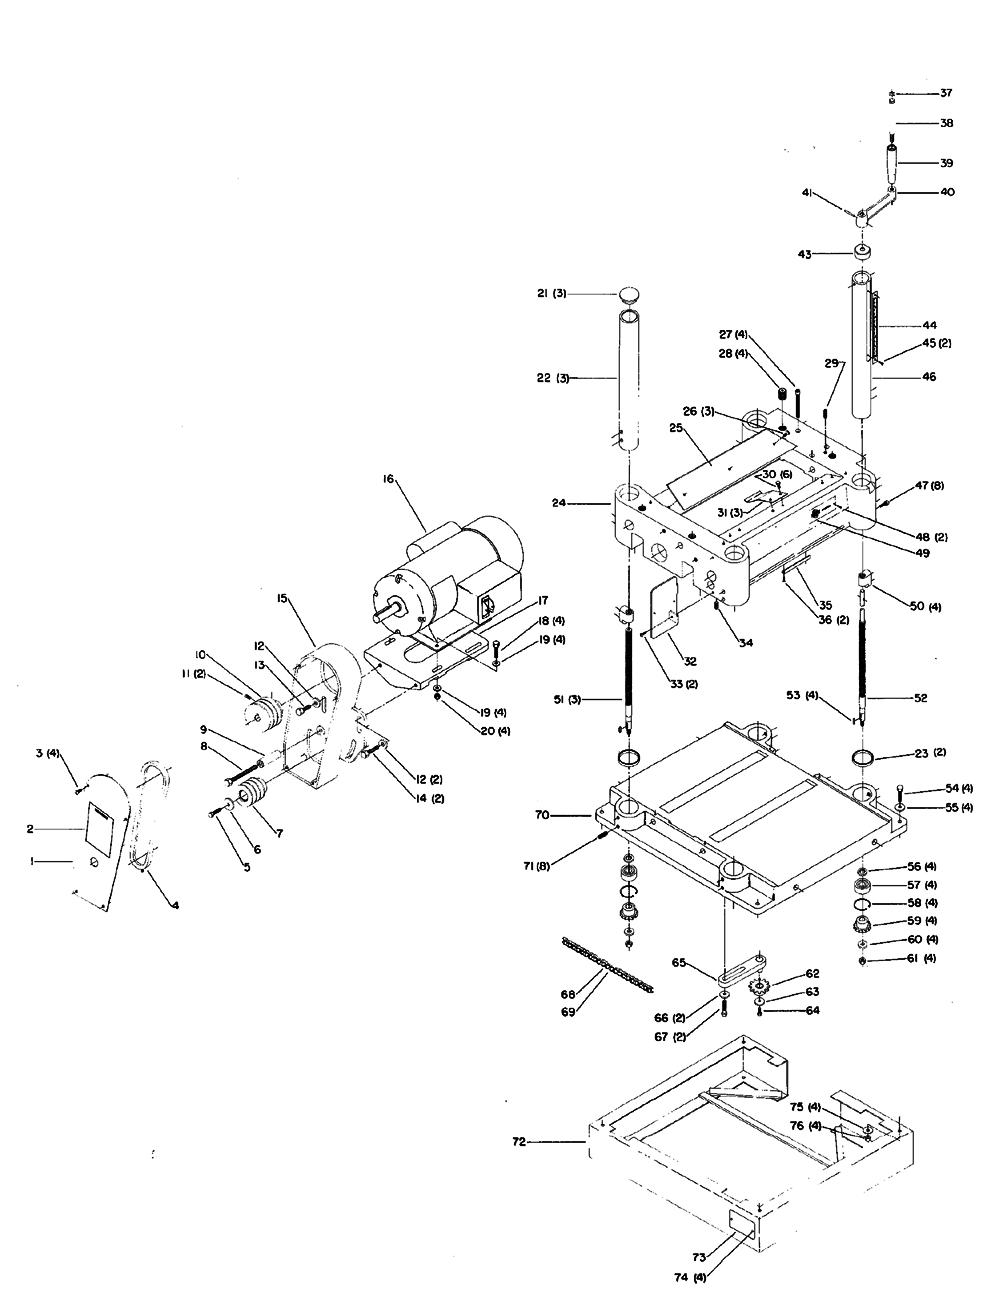 Craftsman Welder Wiring Diagram Drill Press Wiring Diagram